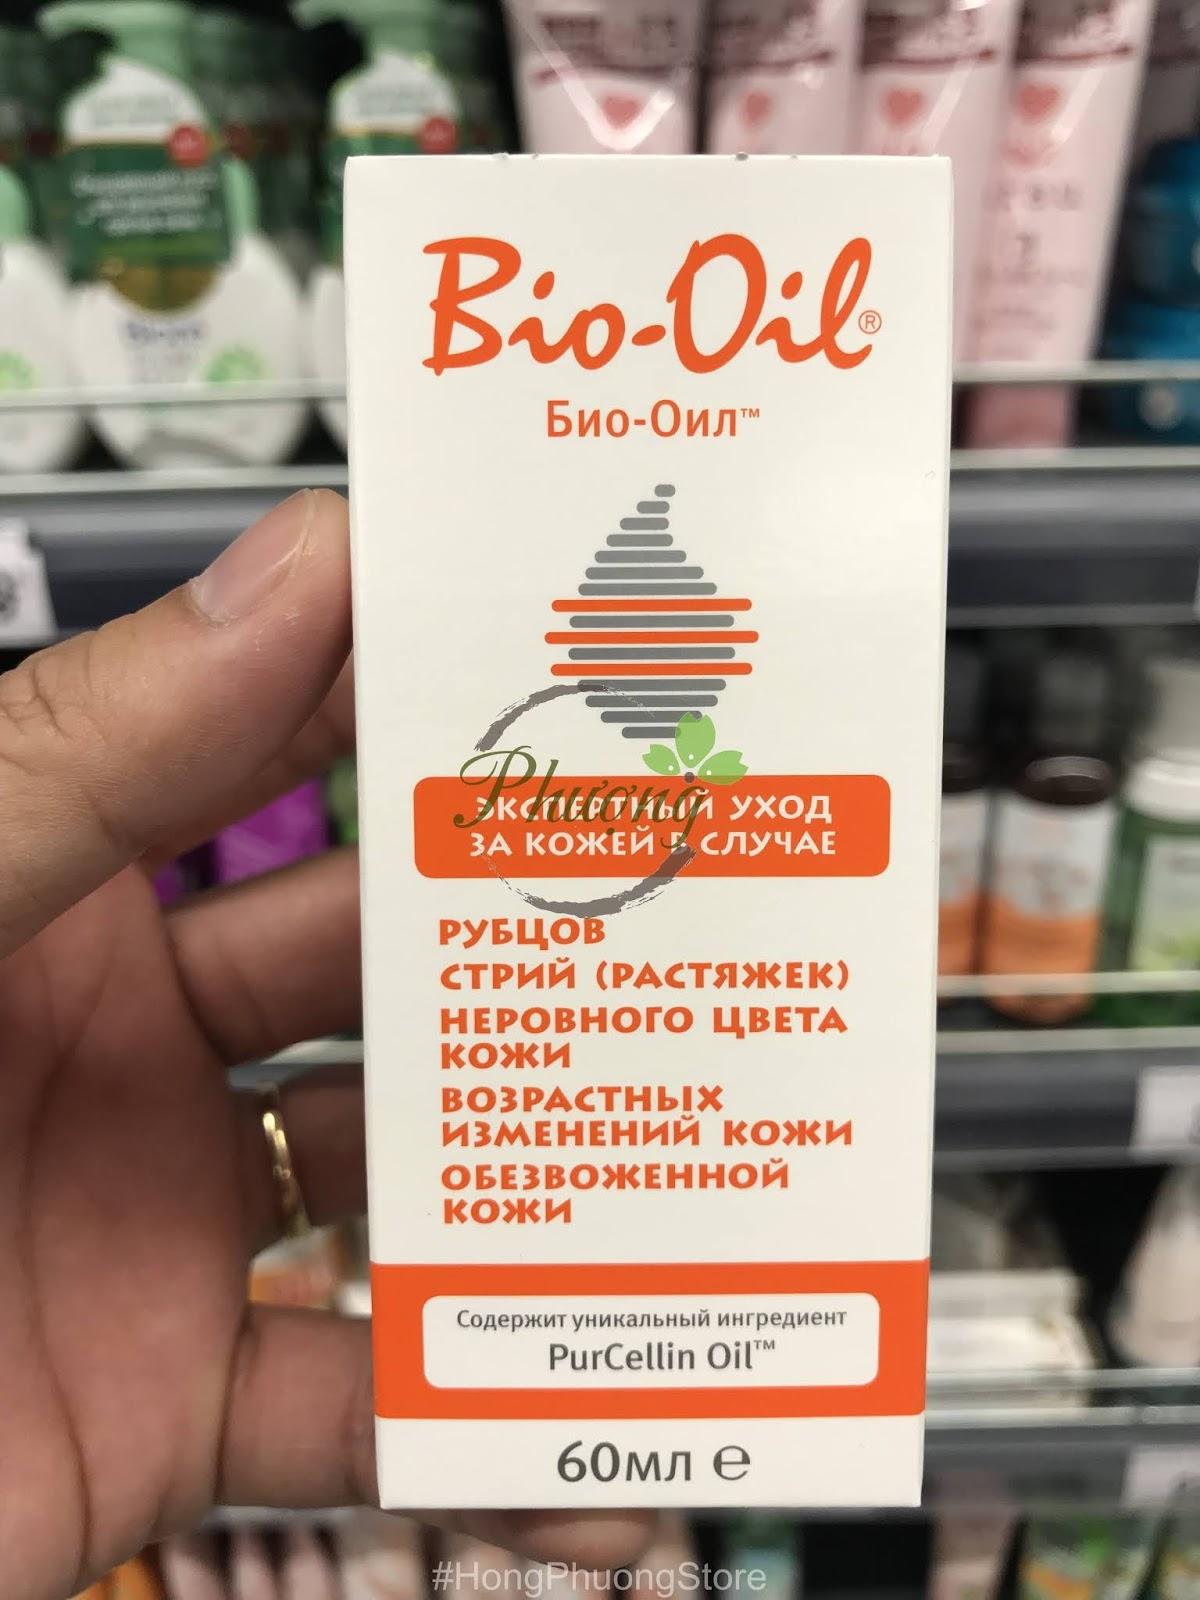 Tinh dầu Bio-Oil hàng Nga lọ 60ml với nhiều công dụng tuyệt vời cho sức khỏe